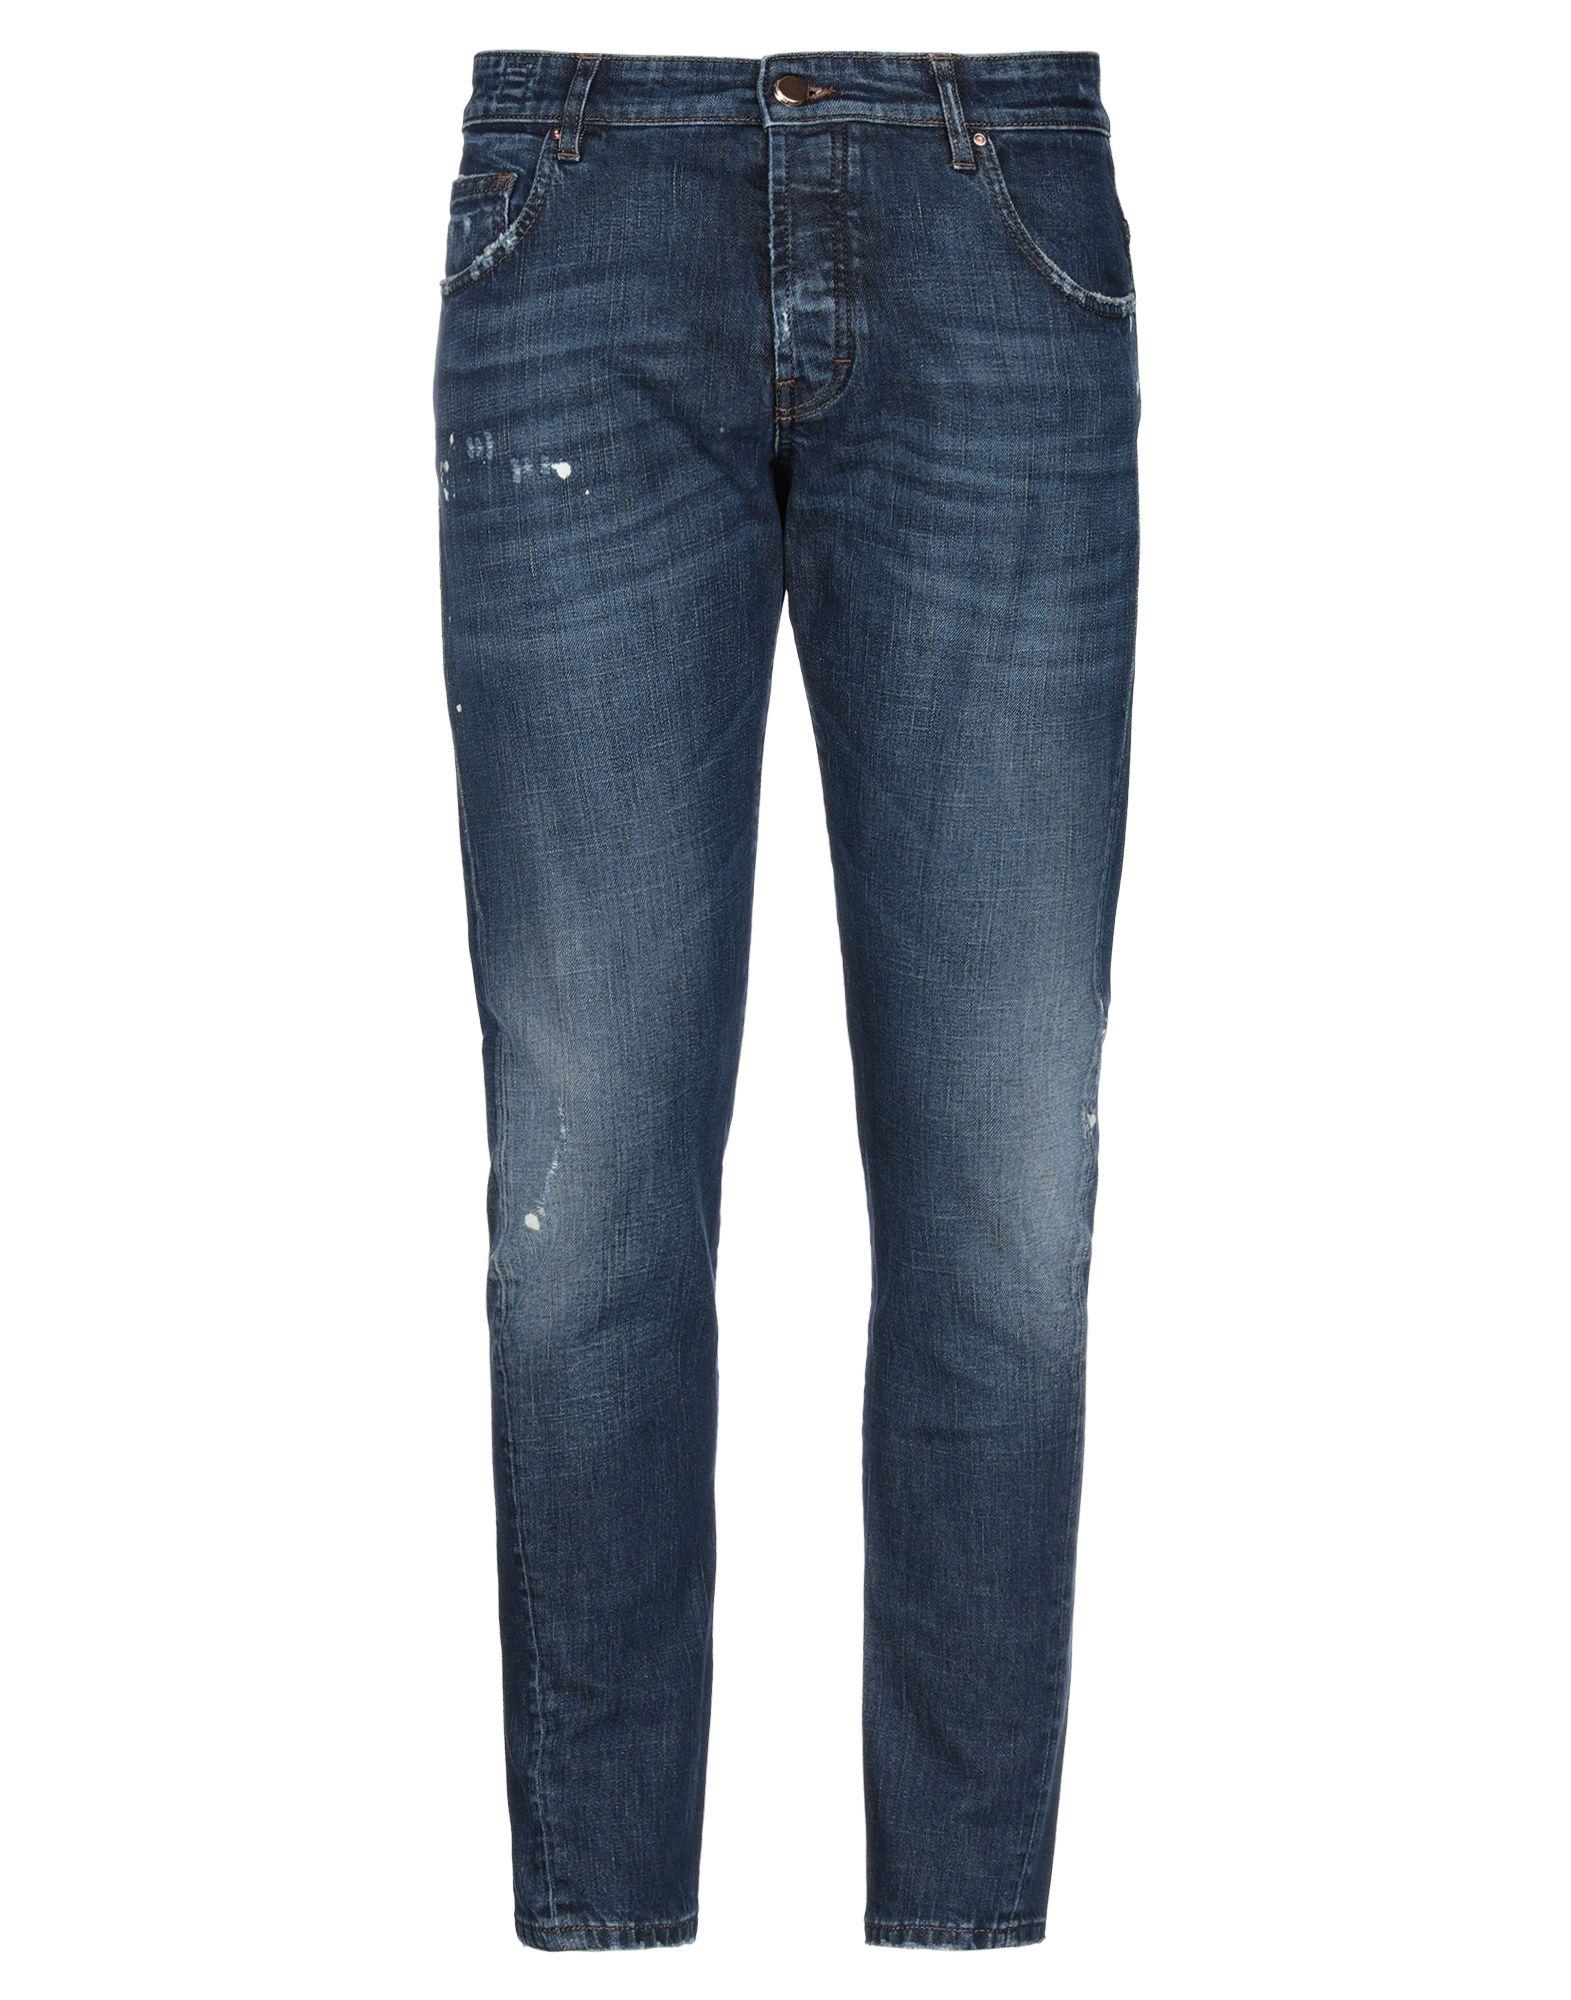 《セール開催中》DON THE FULLER メンズ ジーンズ ブルー 29 コットン 98% / ポリウレタン 2%